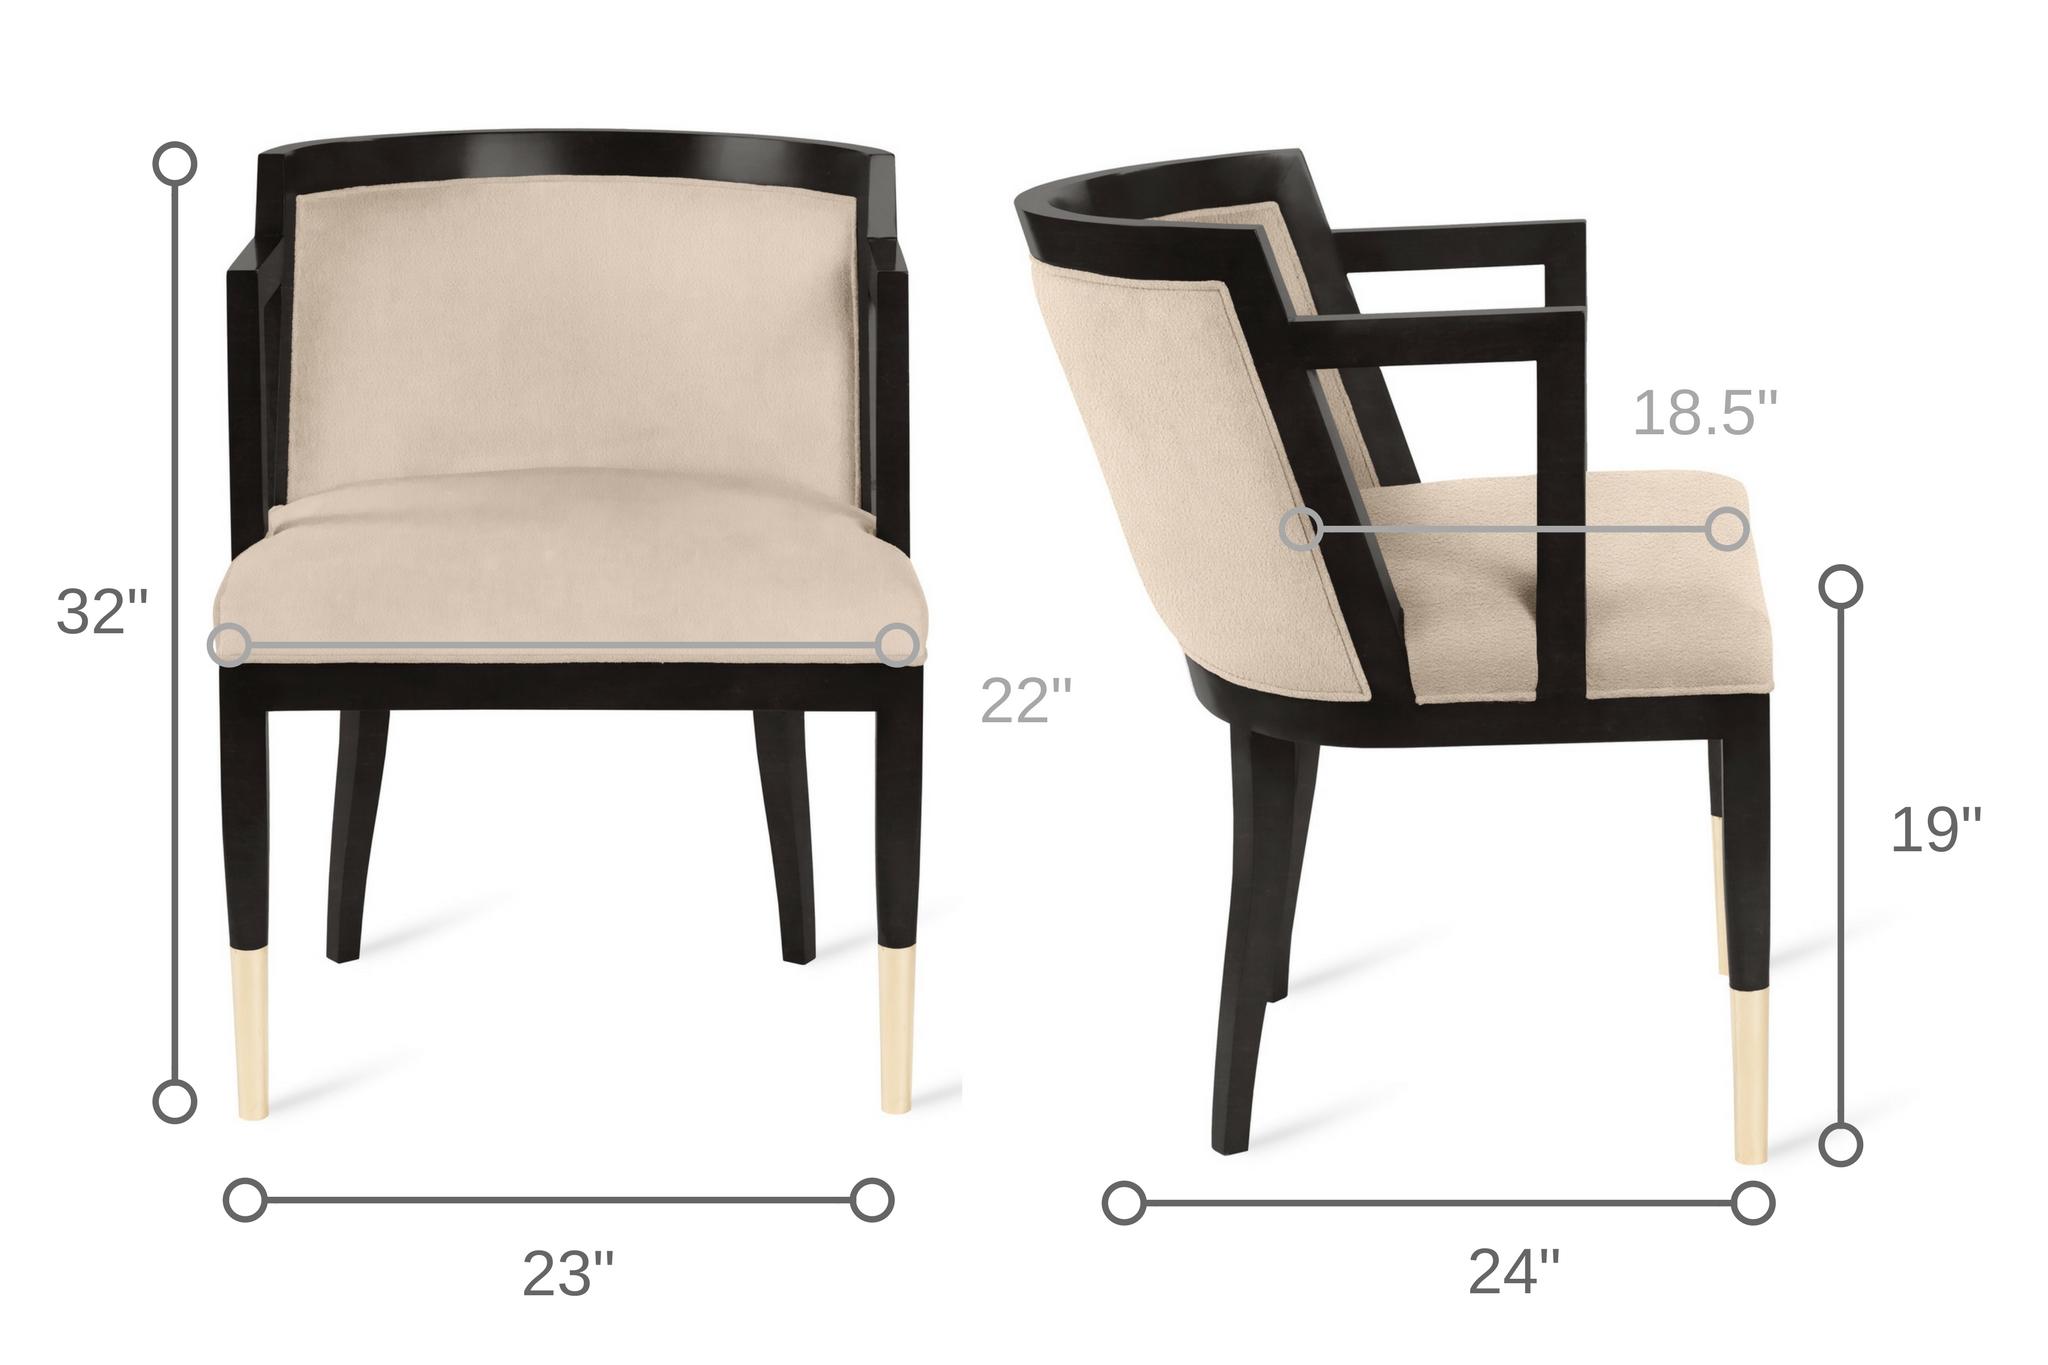 Dowel Furniture Steinbeck Arm Chair Dimensions